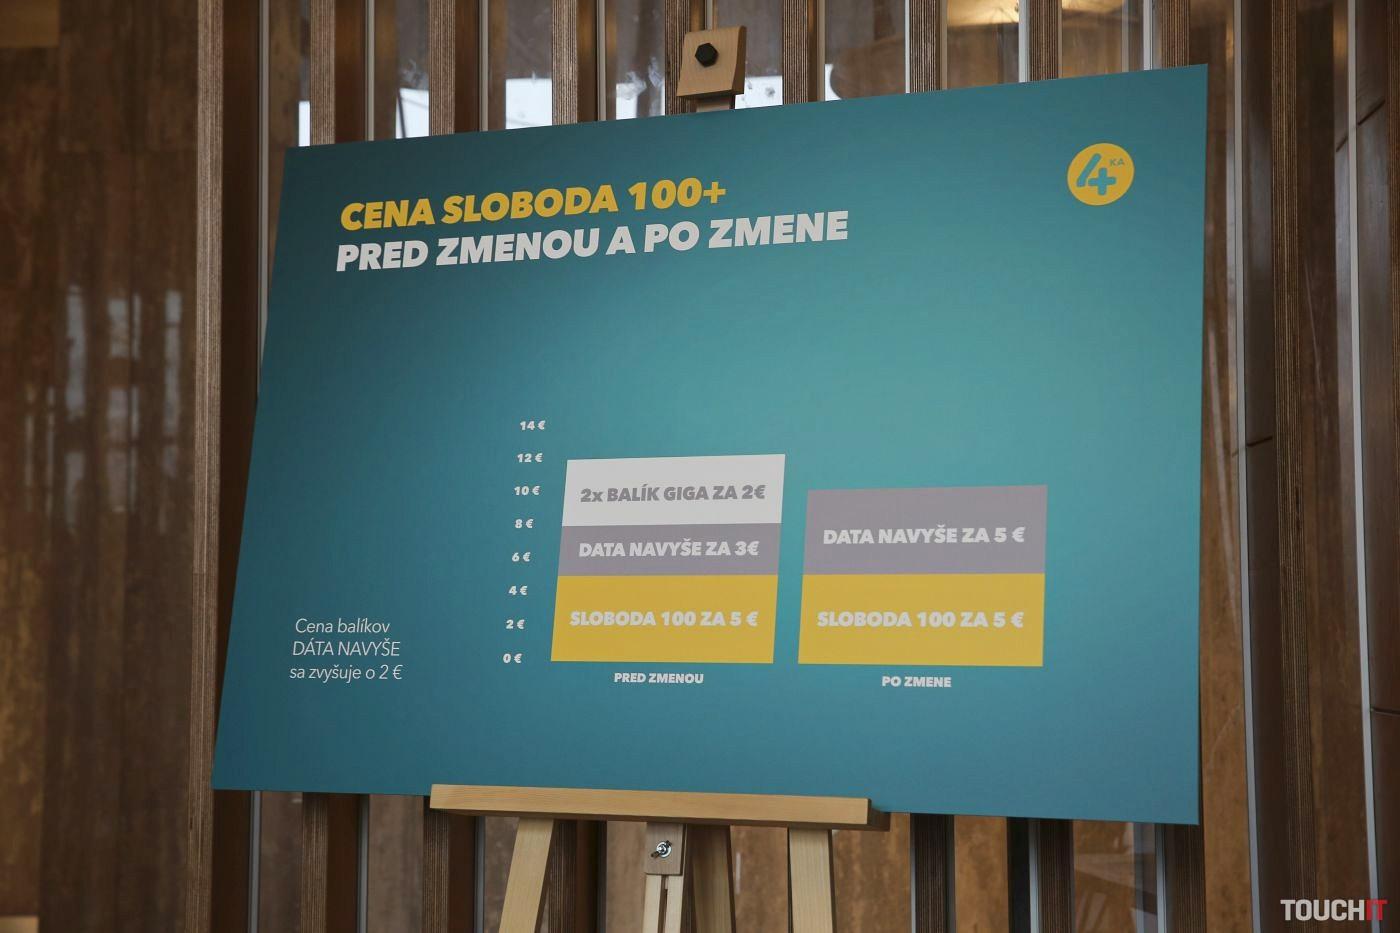 Cena paušálu SLOBODA 100+ sa síce zvýši o 2 eurá, stále však môže ísť o výhodnejšiu ponuku ako manuálne dokupovanie balíčkov GIGA v minulosti kvôli dátam v sieti Orangeu